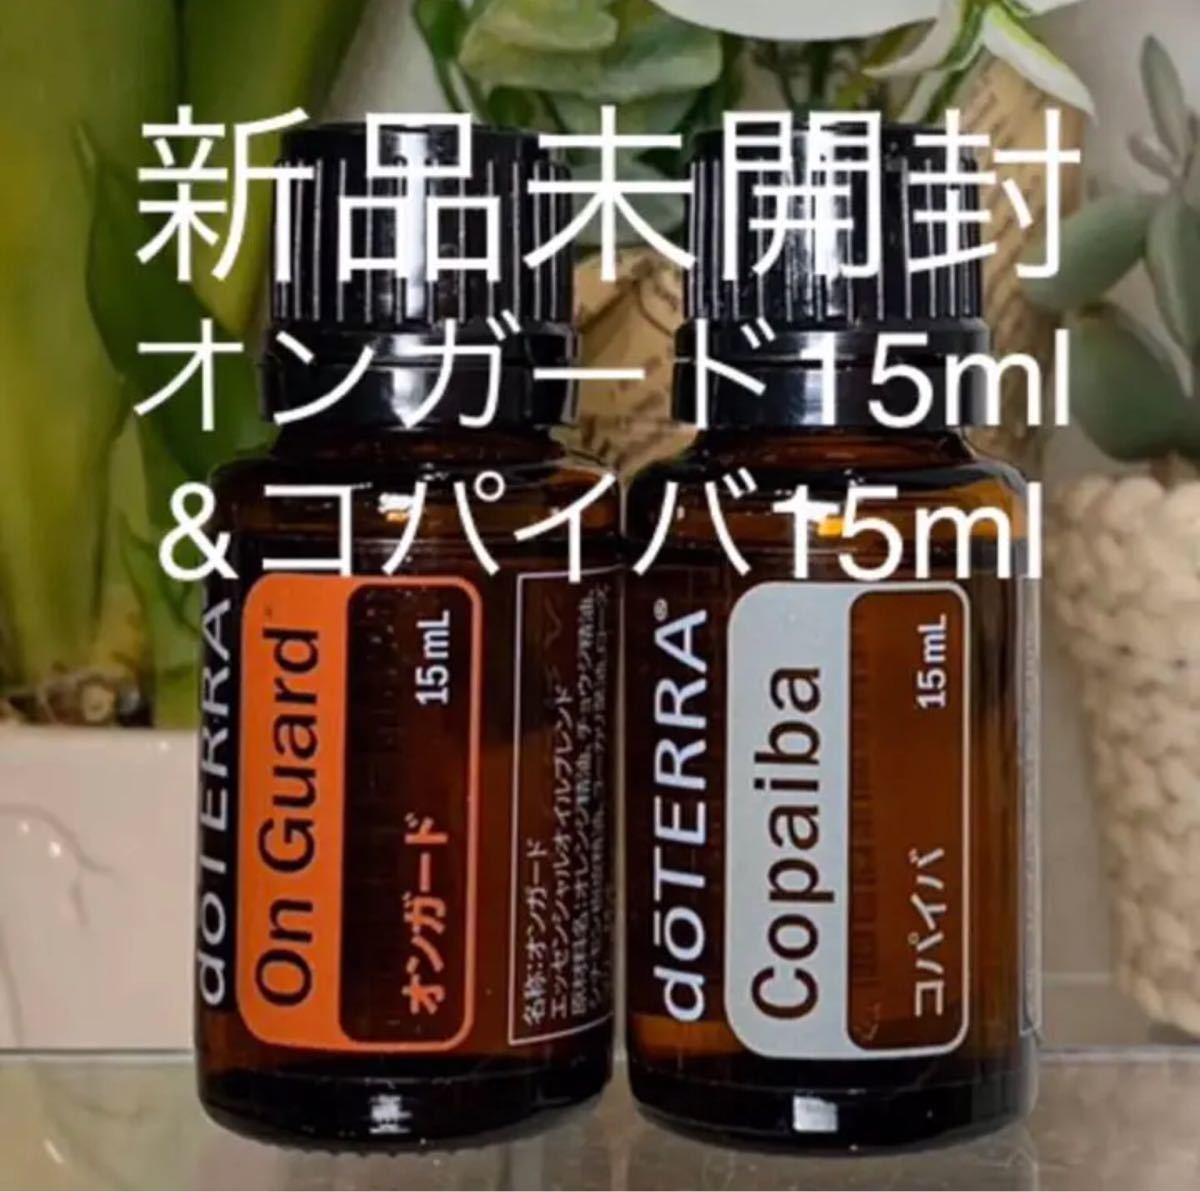 ドテラ  オンガード15ml& コパイバ 15ml 2点セット★新品未開封★